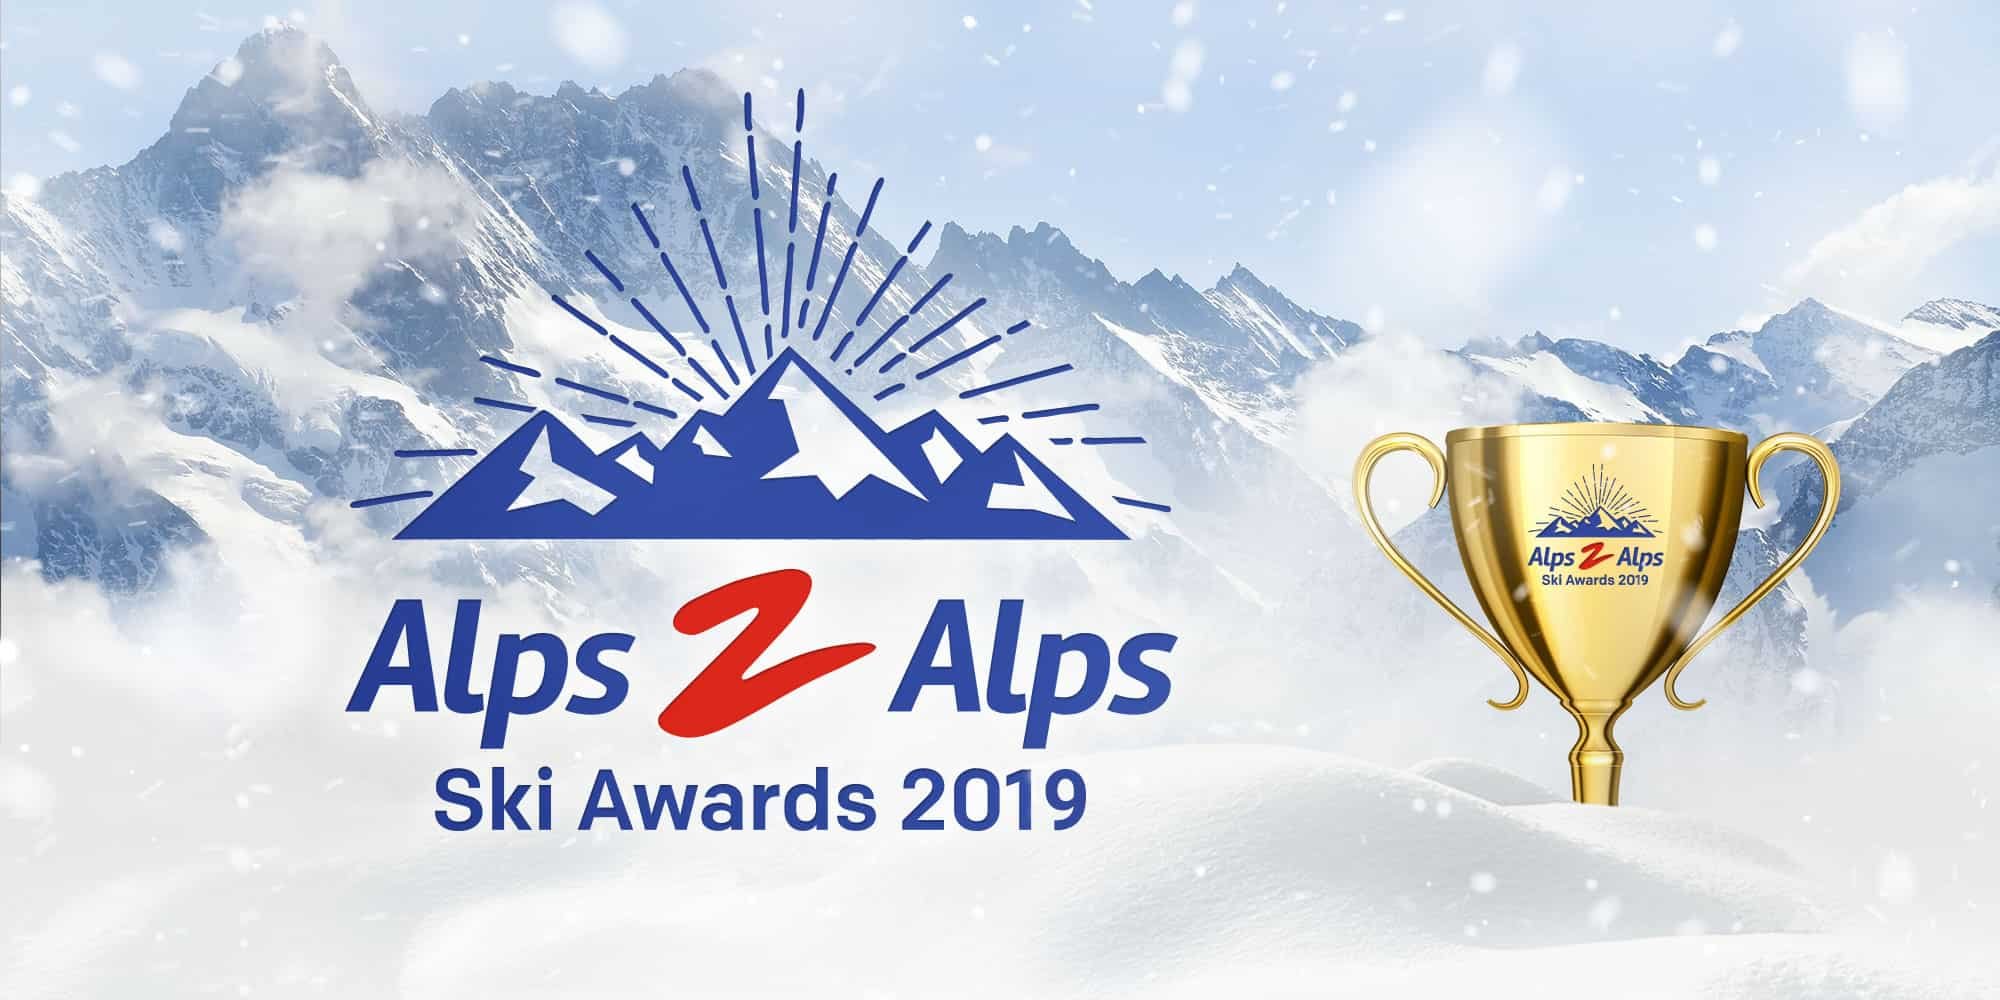 The Alps2Alps ski awards banner